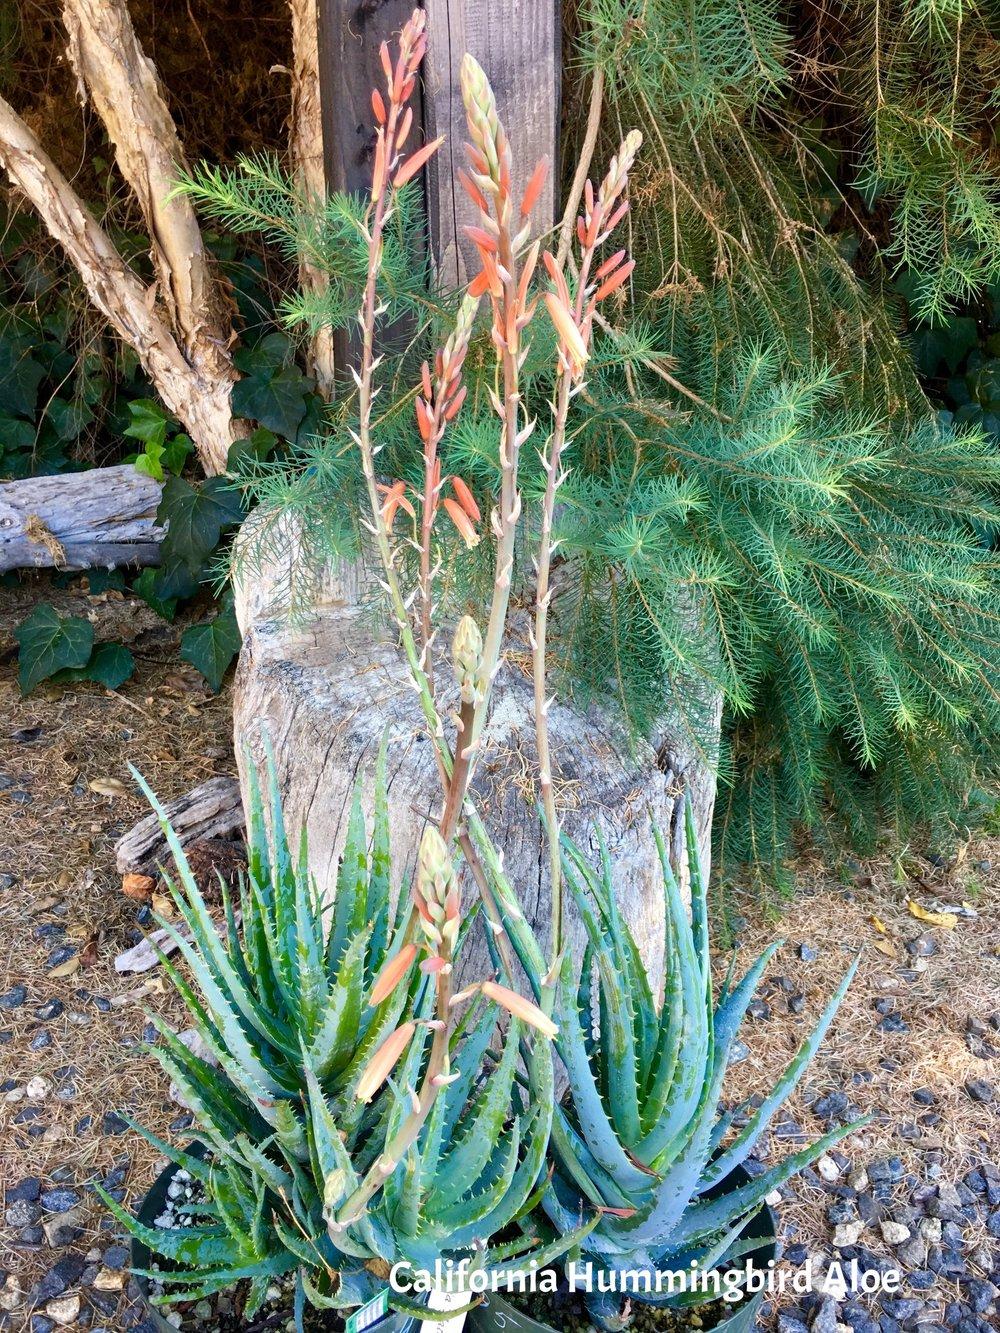 California Hummingbird Aloe.jpg